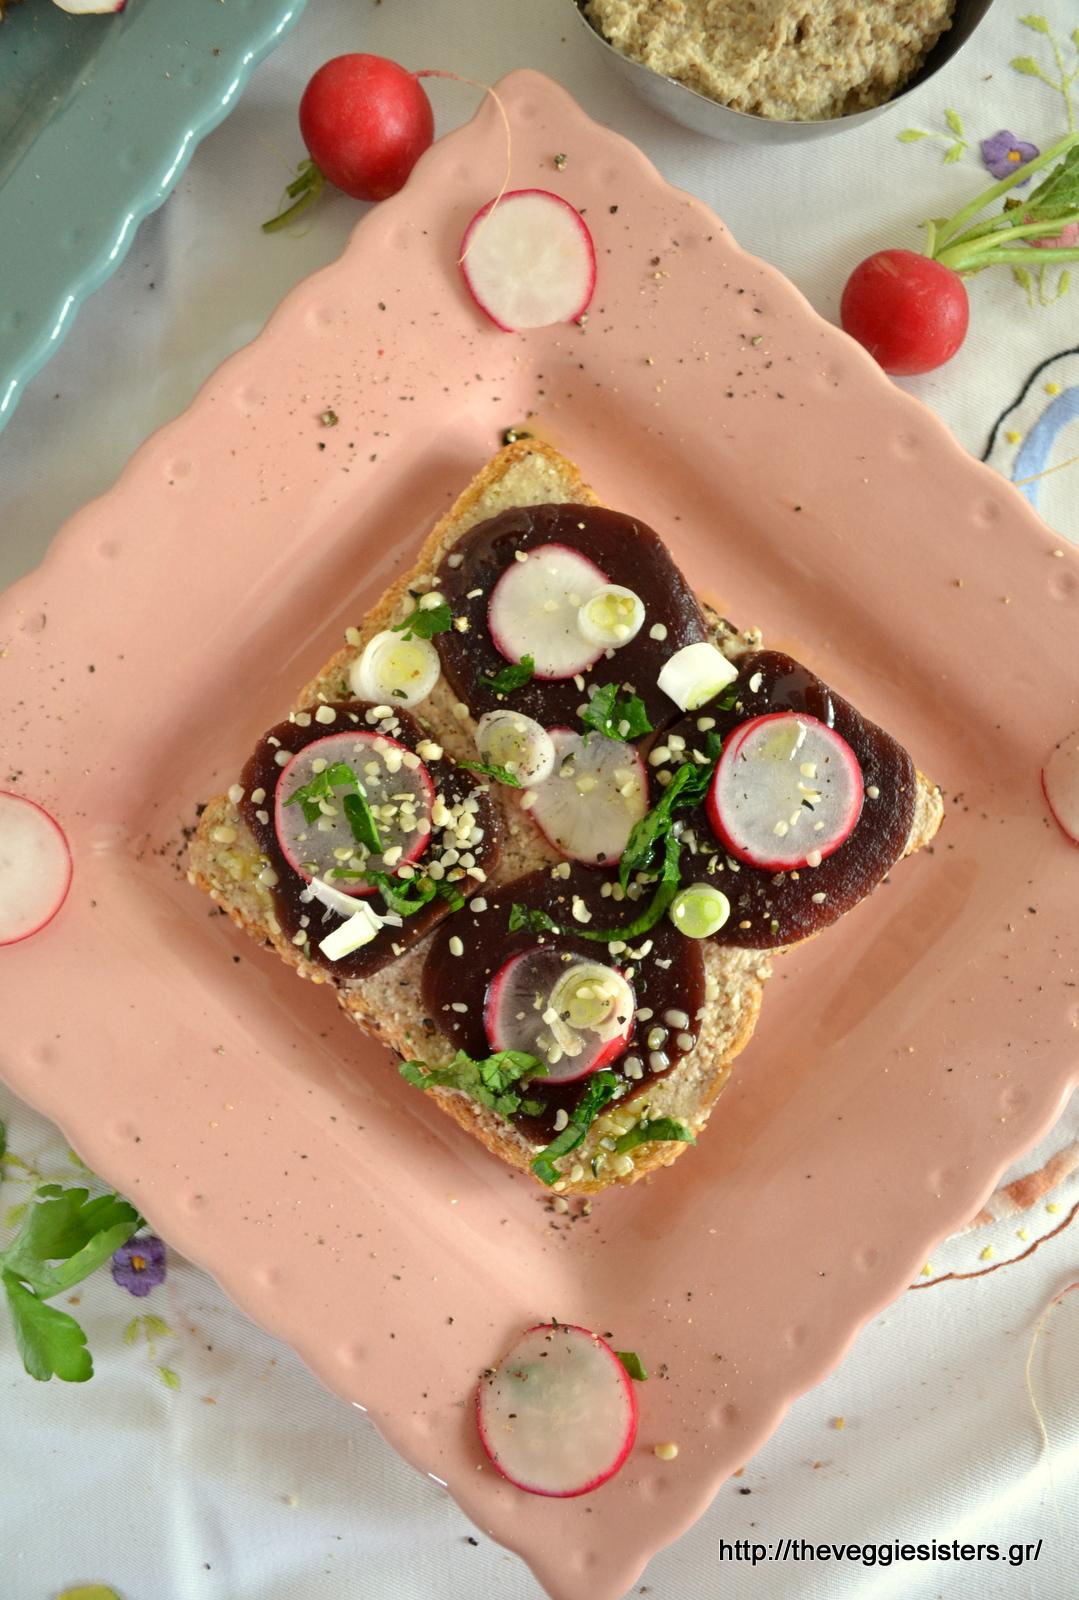 Ανοιχτό σάντουιτς με σκορδάτο άλειμμα και παντζάρια